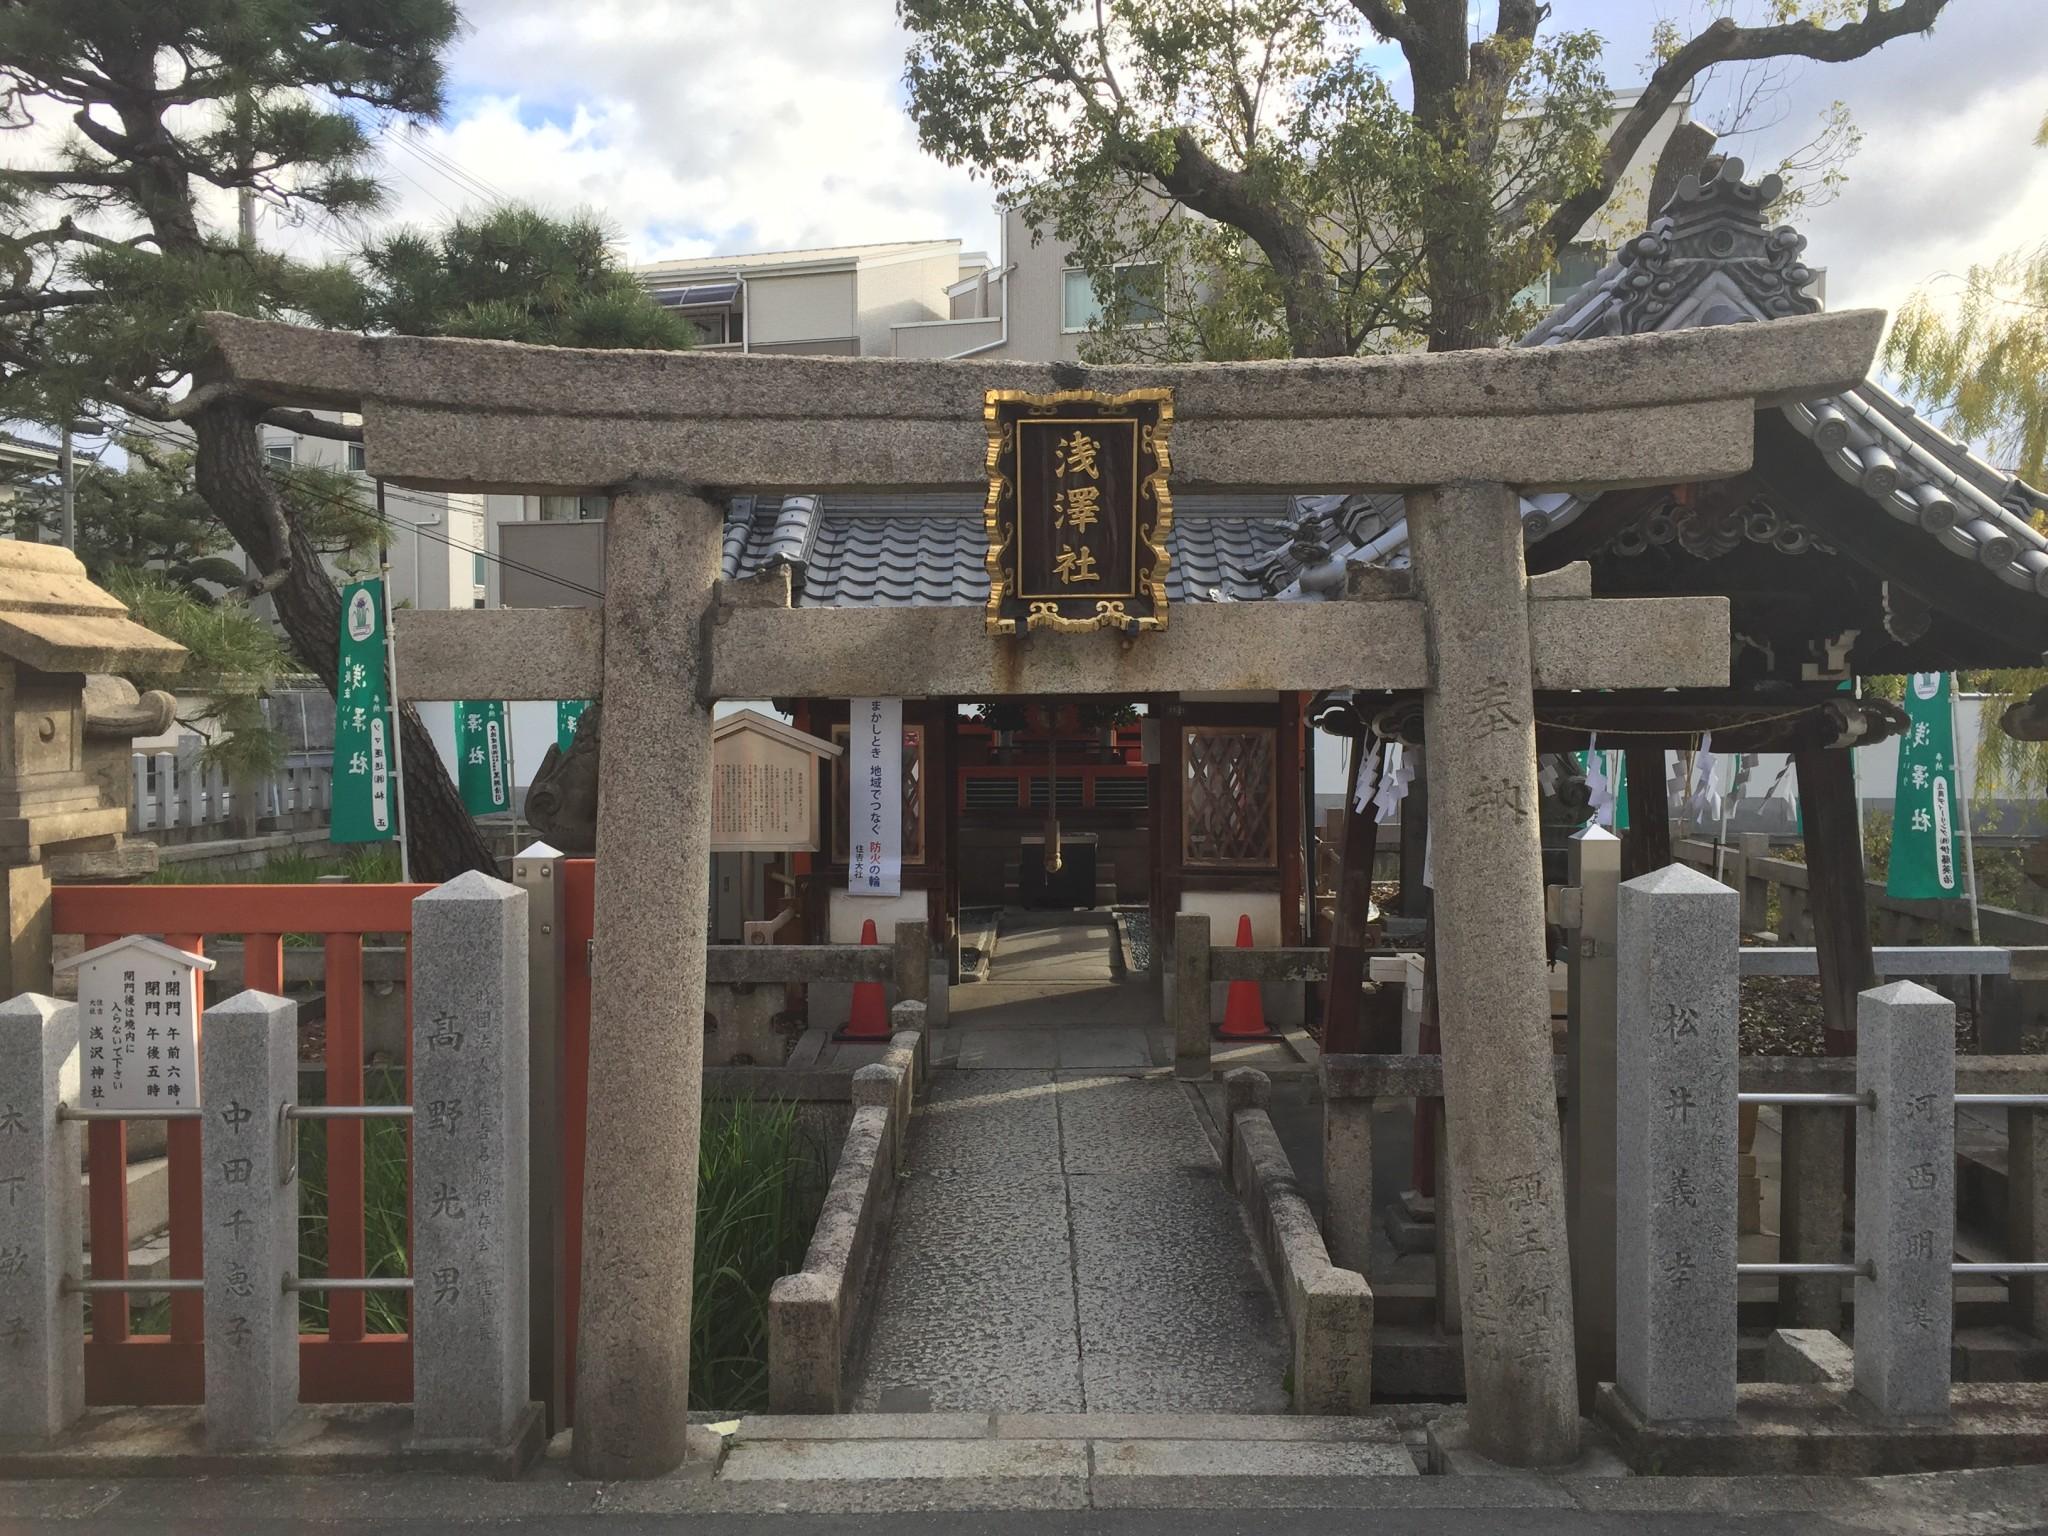 Sumiyoshi taisha